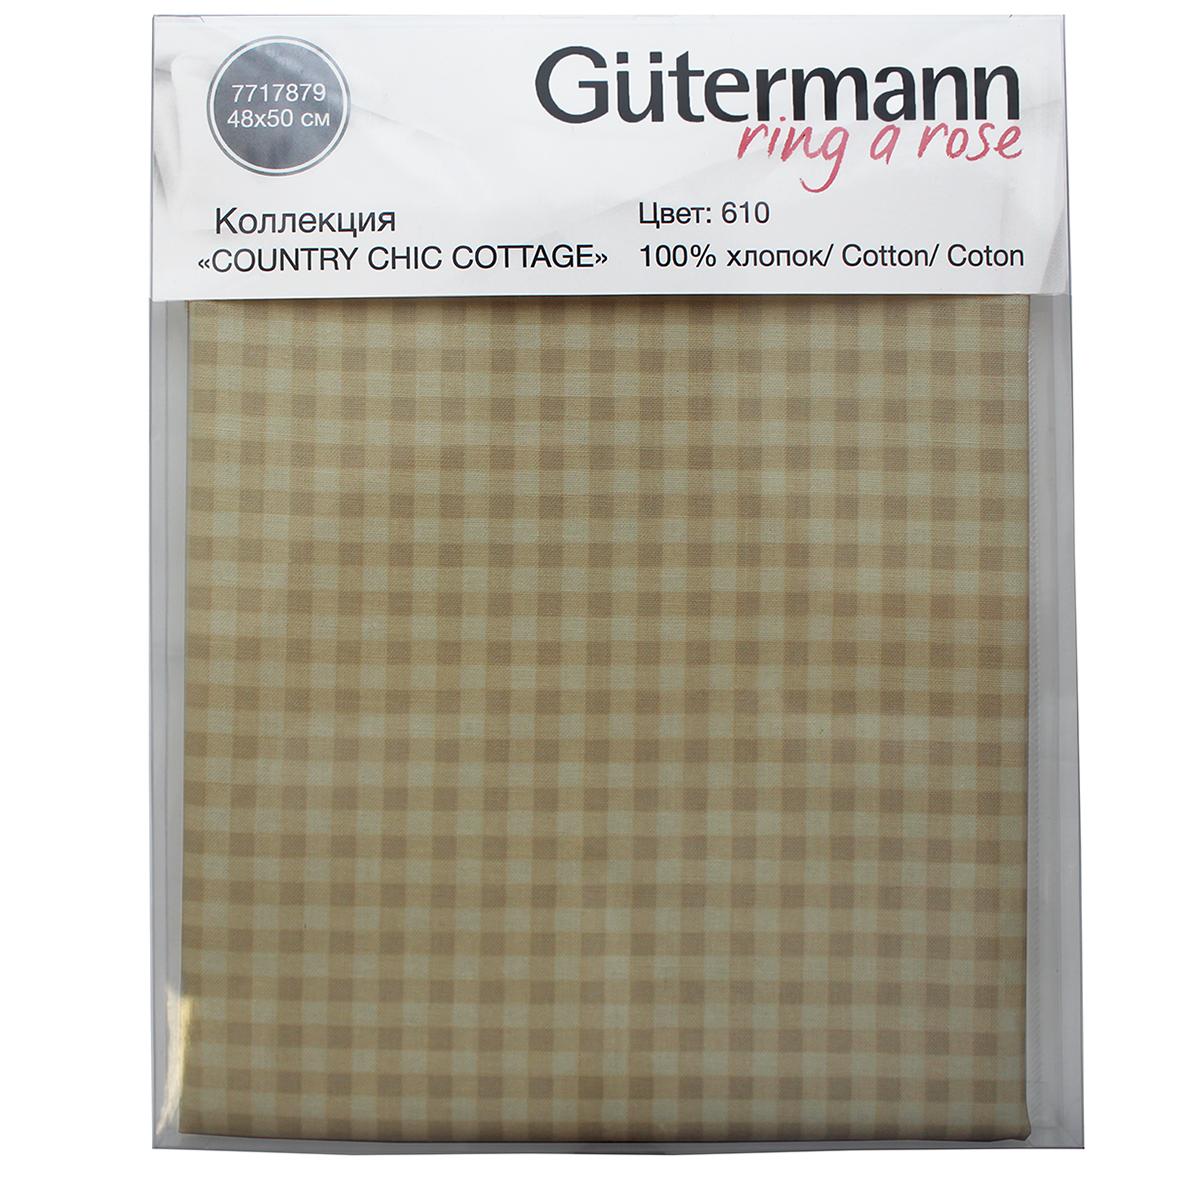 Ткань Gutermann Country Chic Cottage, 48 х 50 см. 649368_610C0042416Хлопковая ткань от Gutermann (Гутерманн) выполнена из 100% натурального материала, идеально подойдет для шитья одежды, постельного белья, декорирования. Ткань не линяет, не осыпается по краям и не дает усадки.